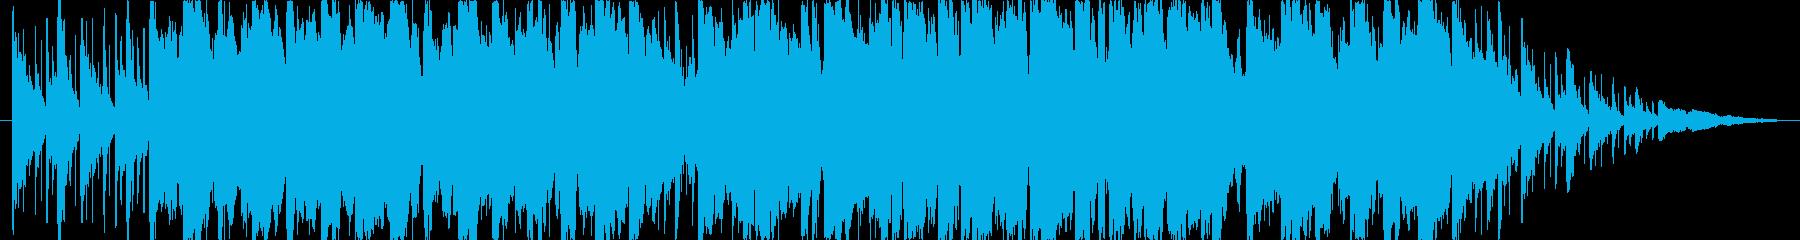 ケルト風BGM(自然・広大)の再生済みの波形